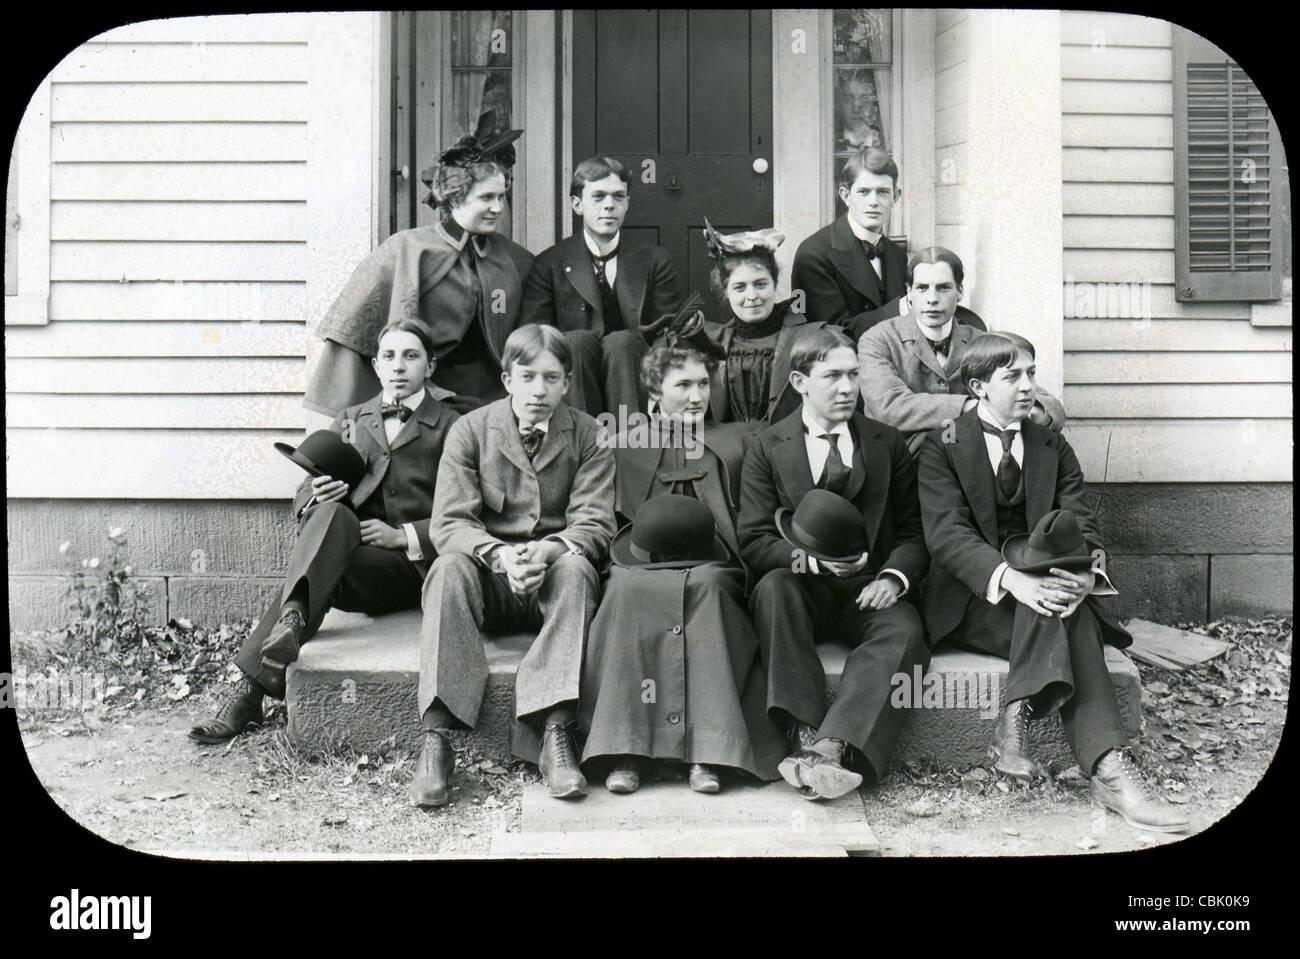 Circa 1900 antica fotografia di un gruppo di giovani uomini e donne. Immagini Stock